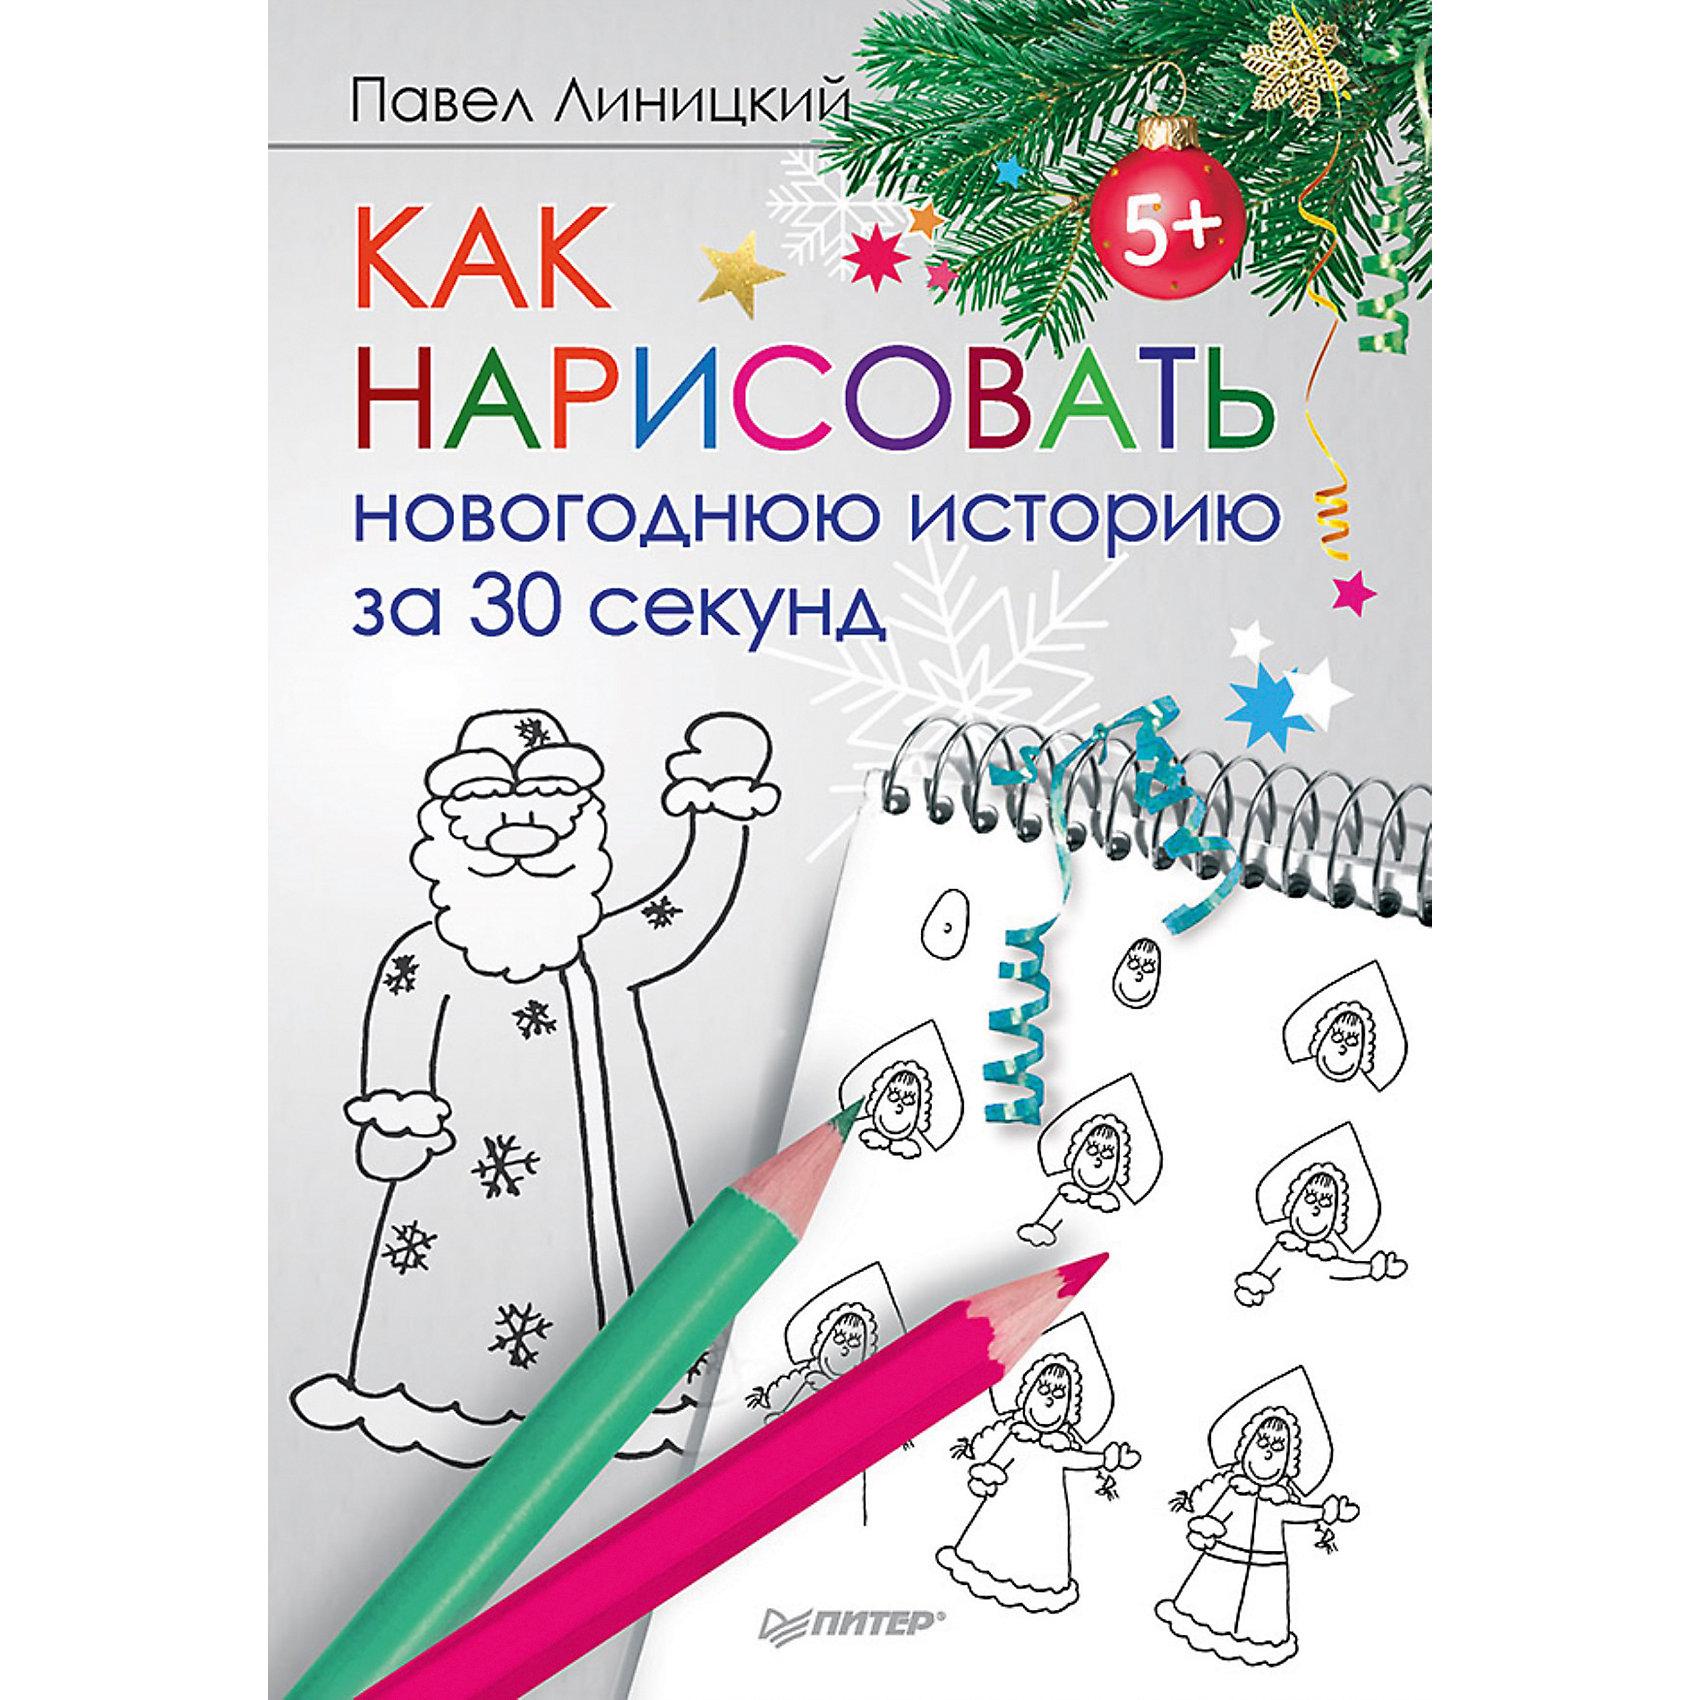 ПИТЕР Комплект из 2 книг Как нарисовать новогоднюю историю, Рисуем человечков